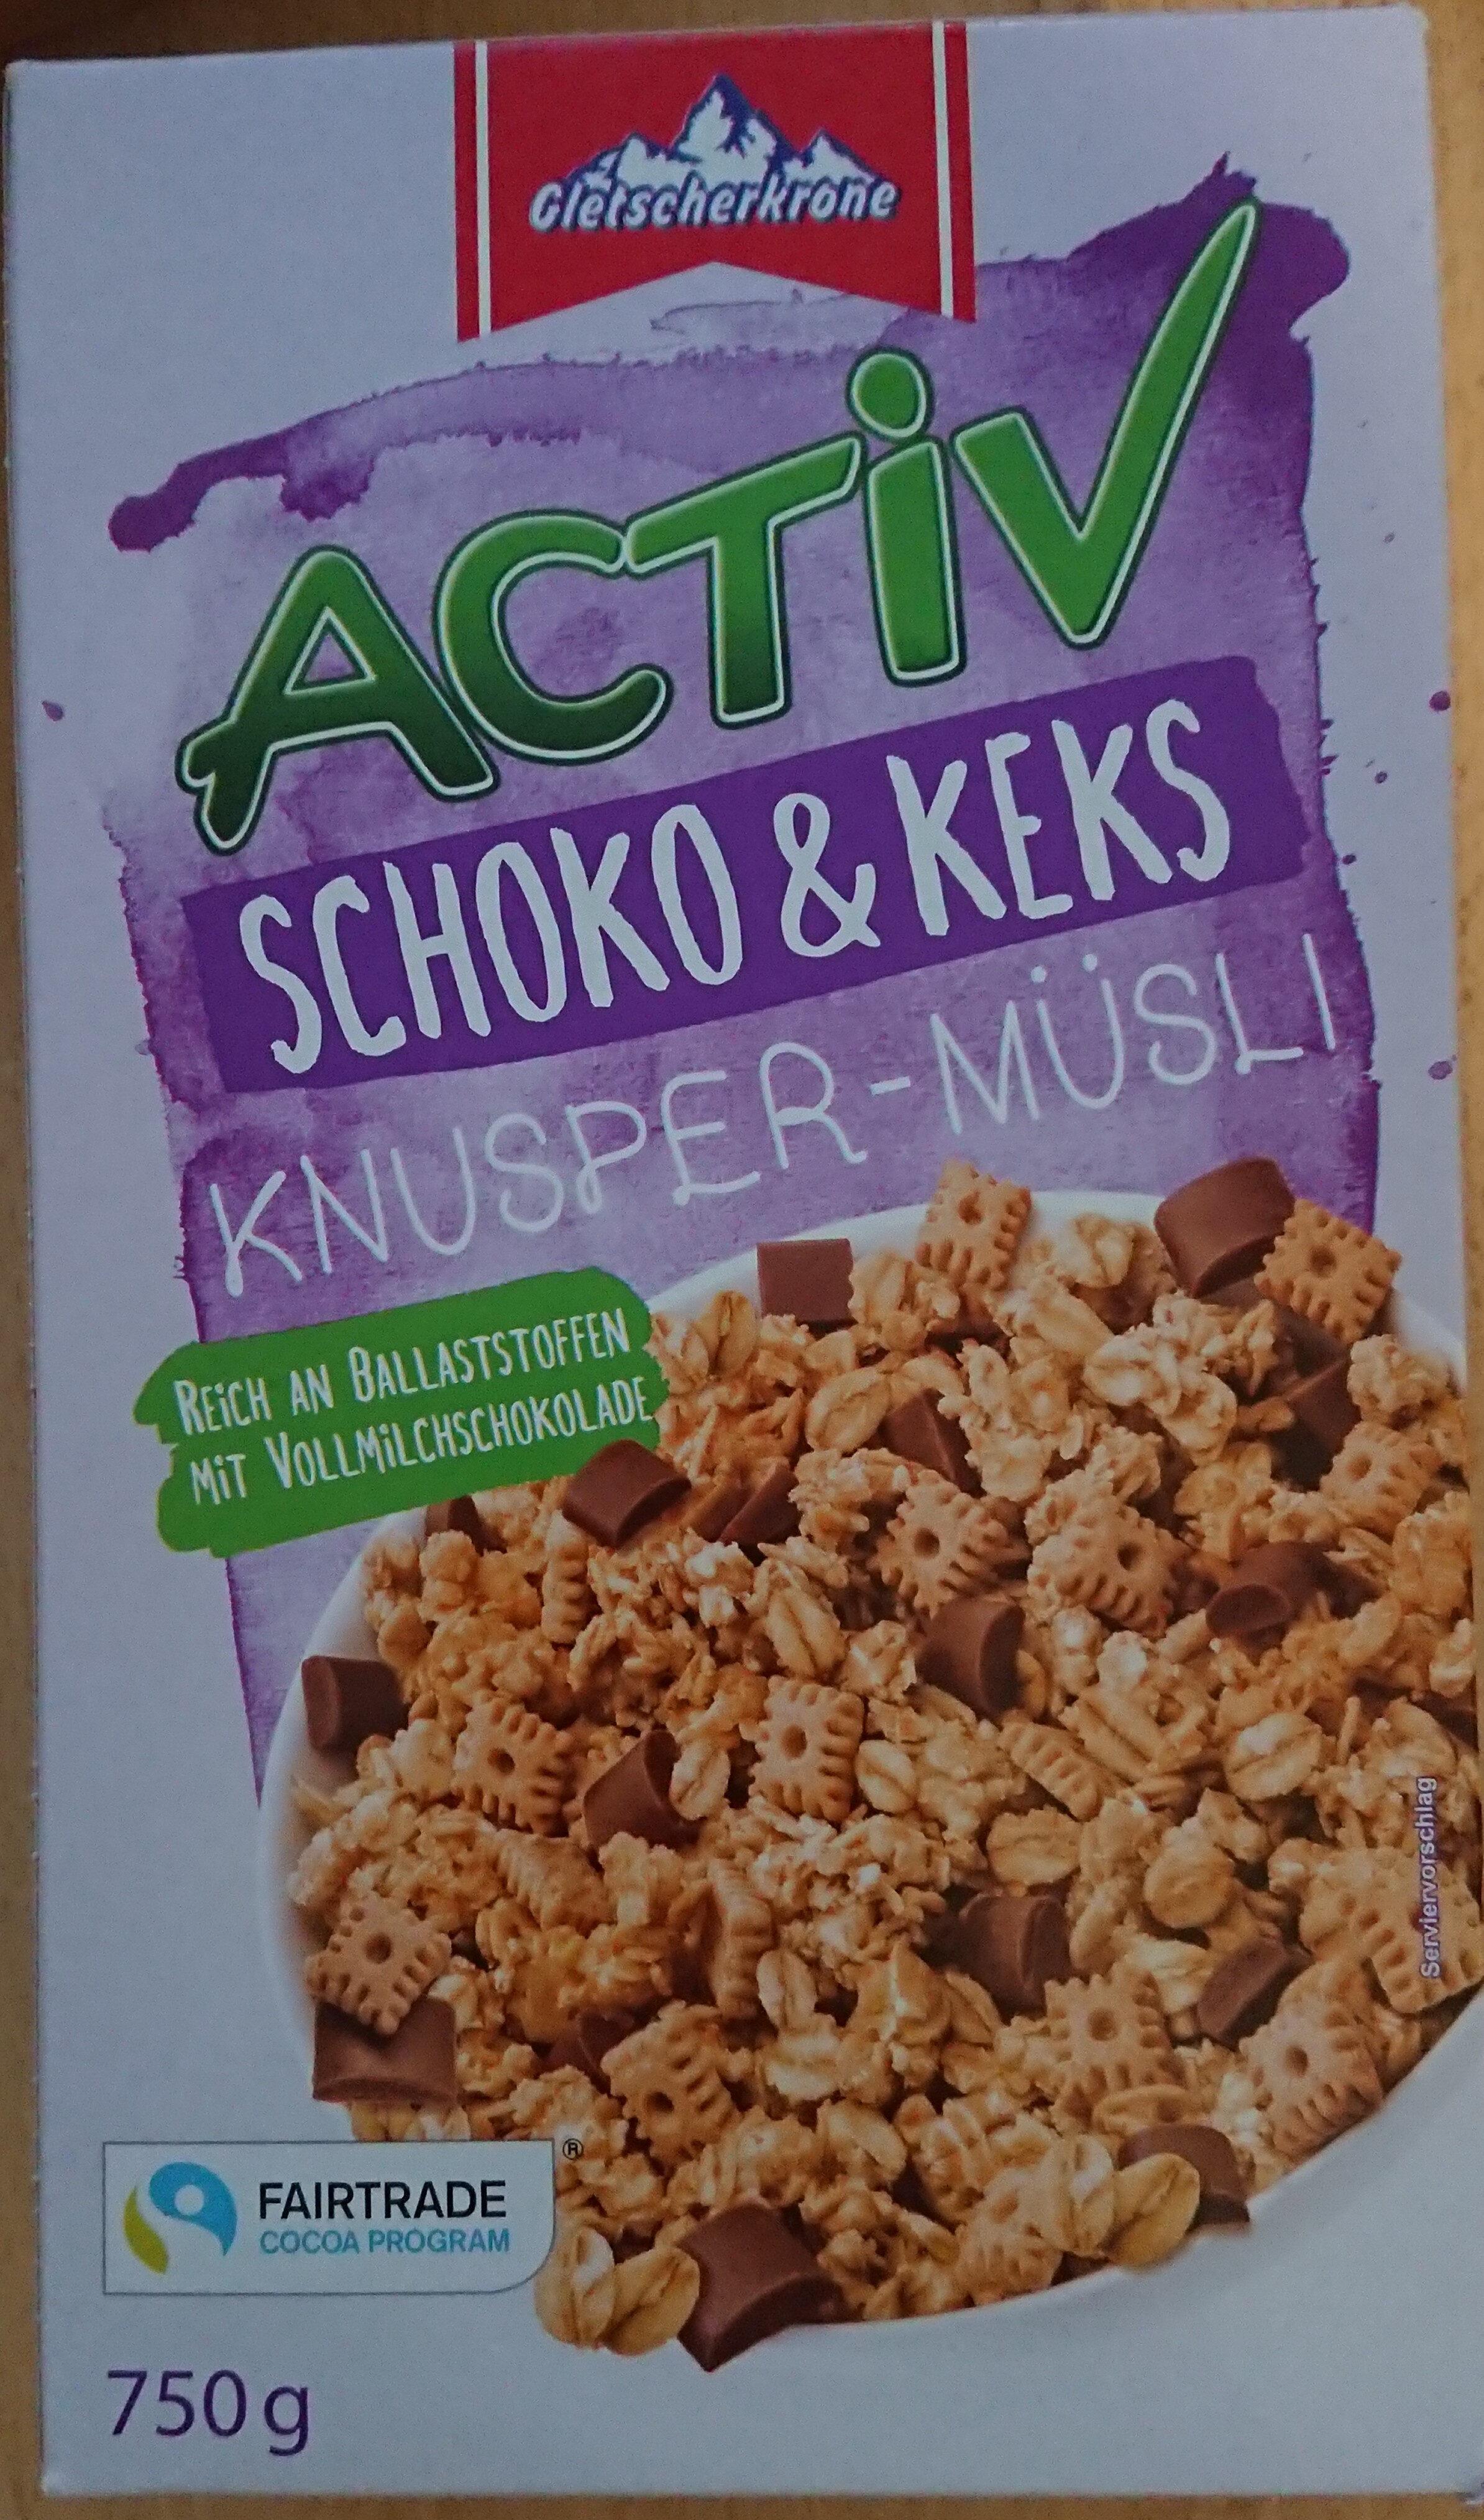 Activ Knusper-Müsli (Himbeer Joghurt, Schoko, Pur) - Product - de